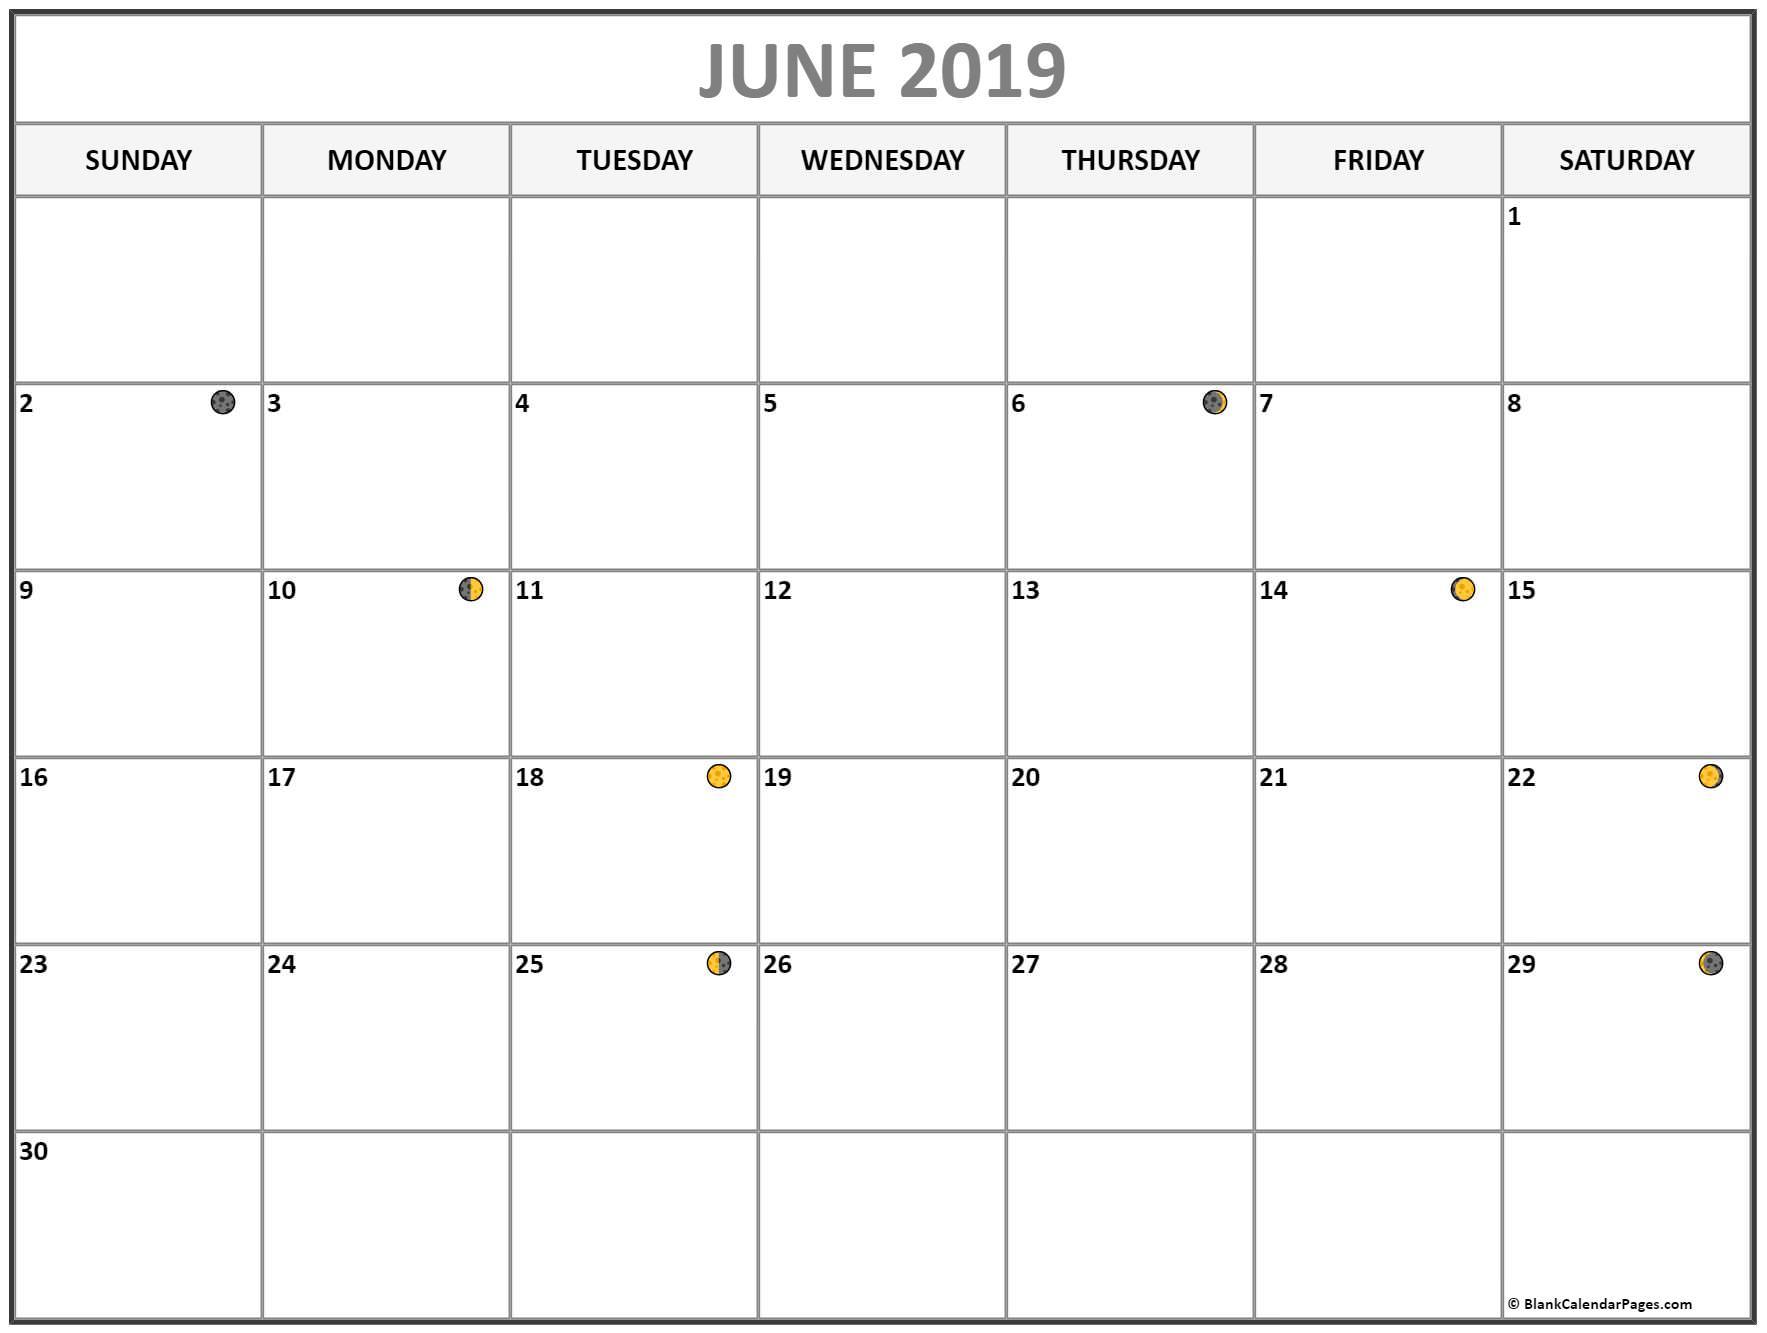 June 2019 Calendar Moon